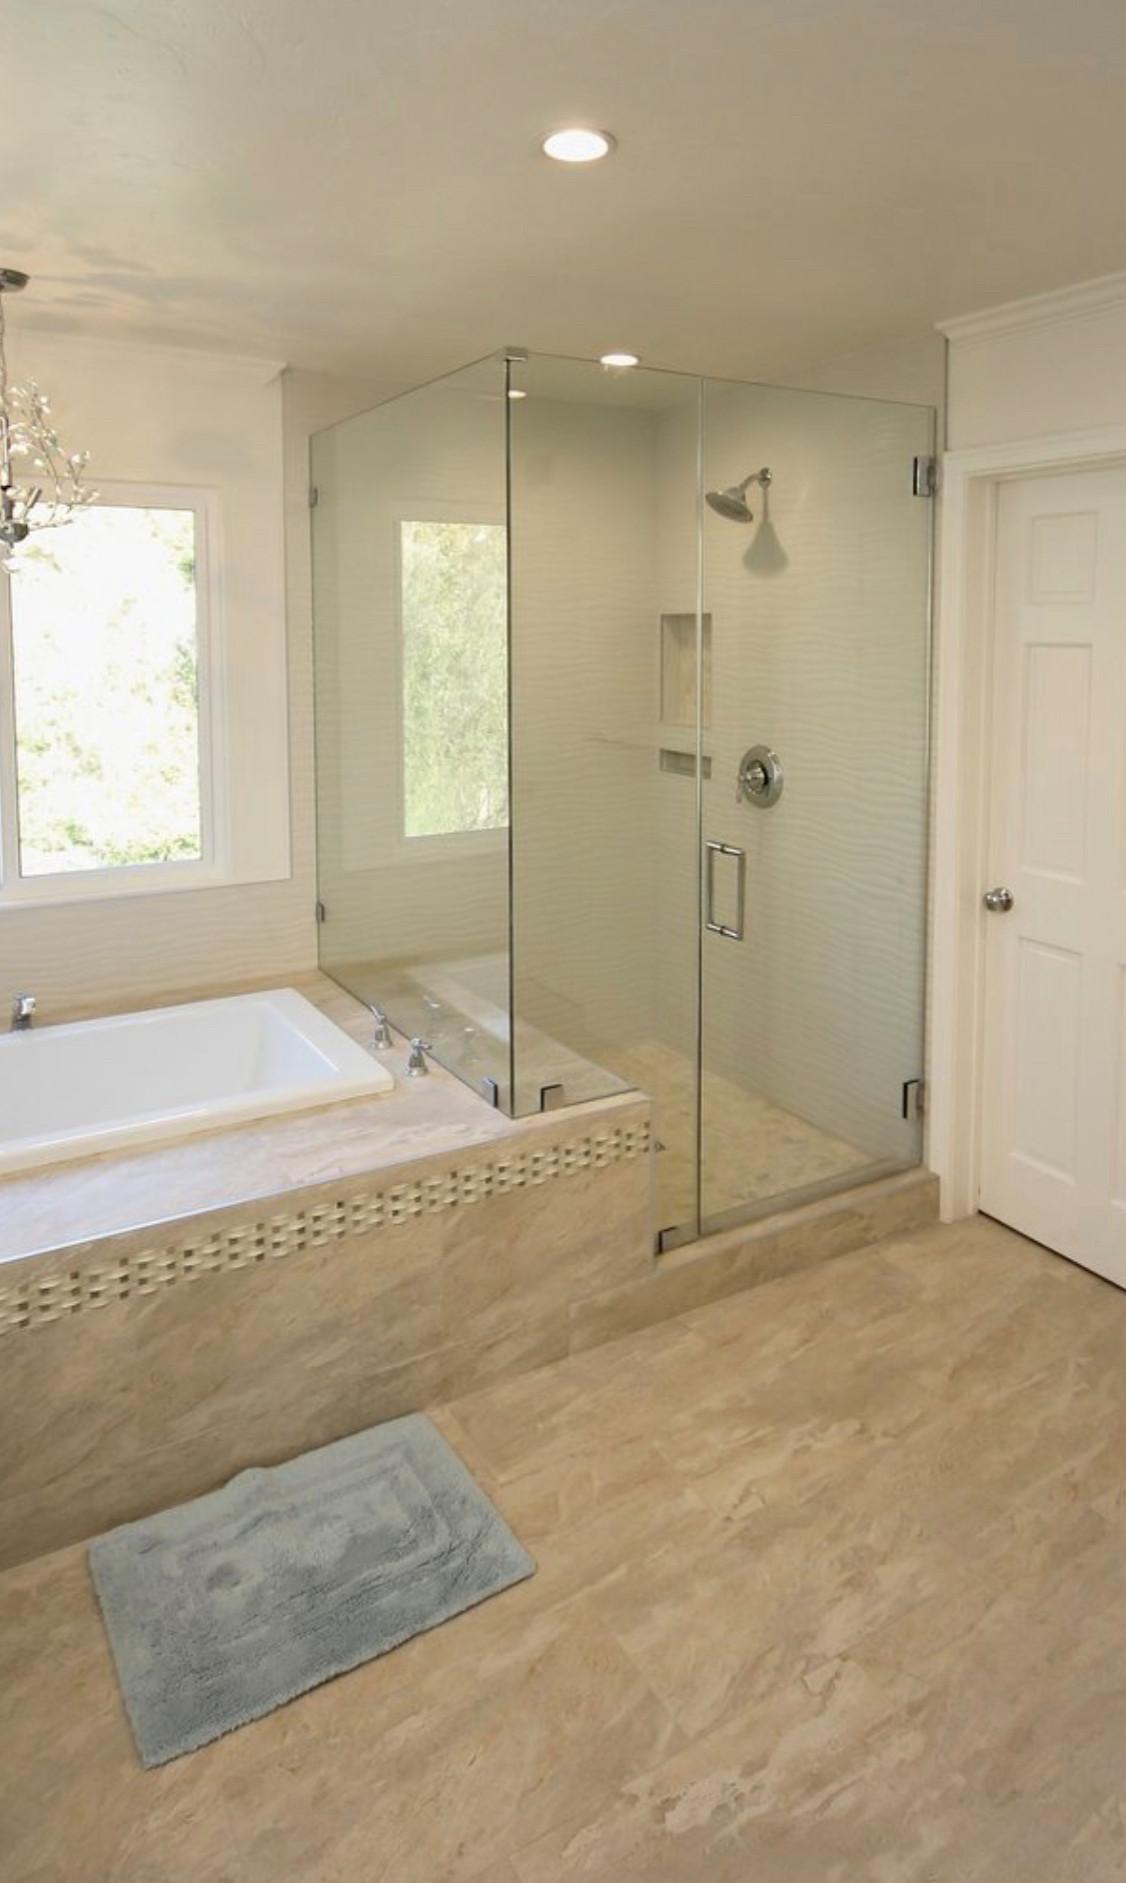 Bathroom remodel near Woodland Hills